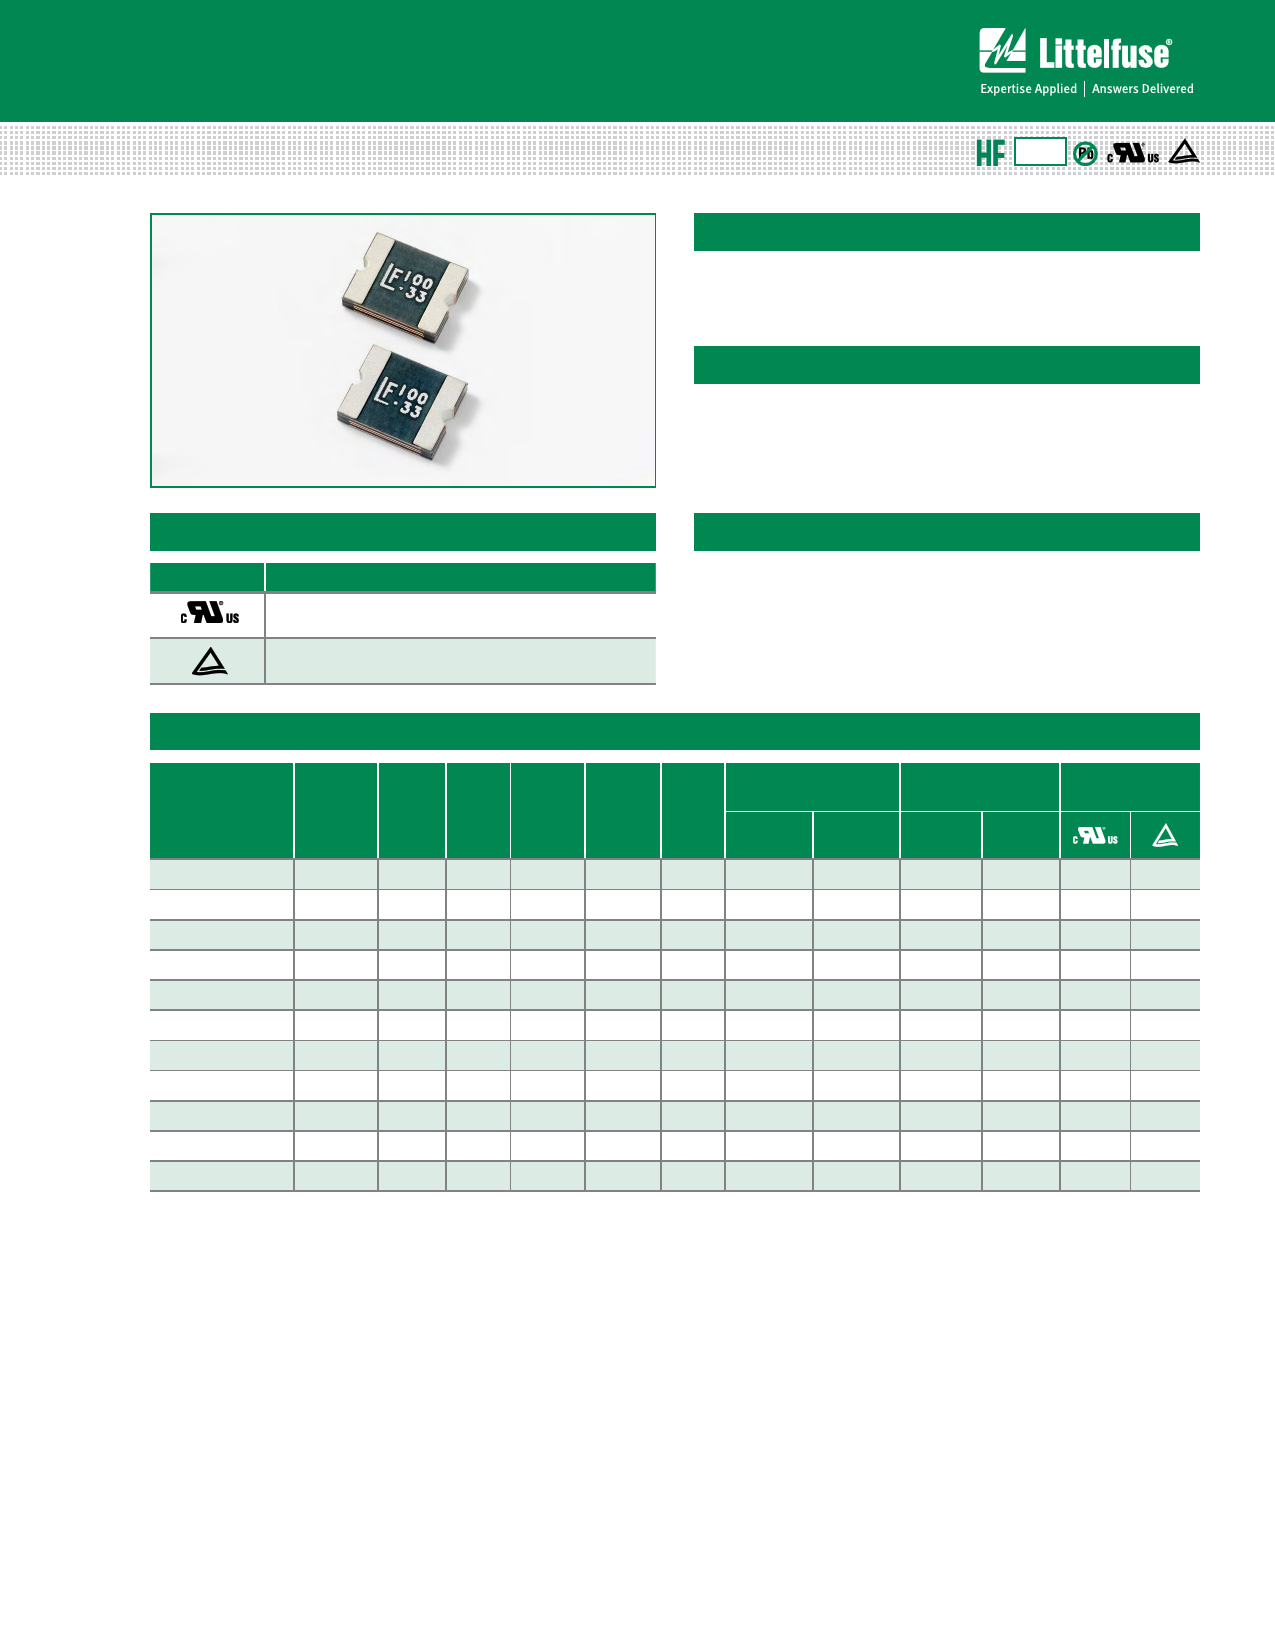 2016L050 datasheet